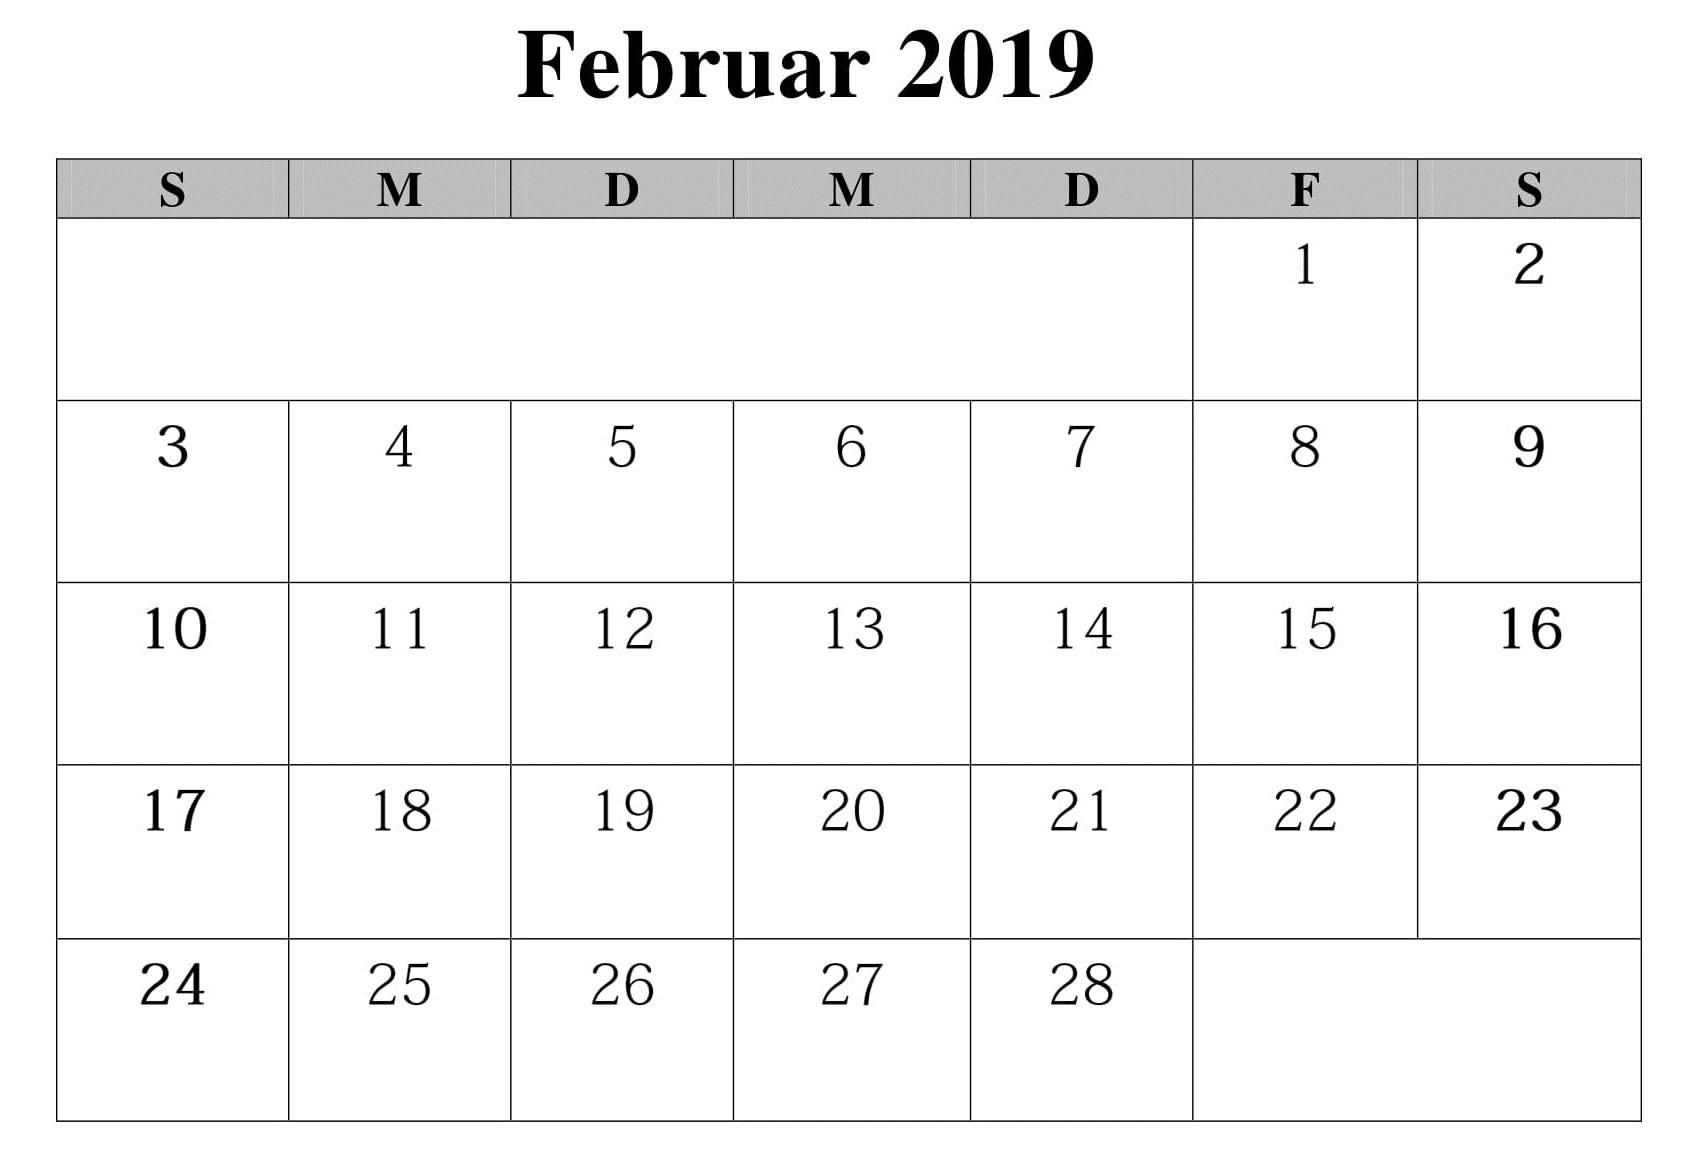 2019 Februar Kalender Stile